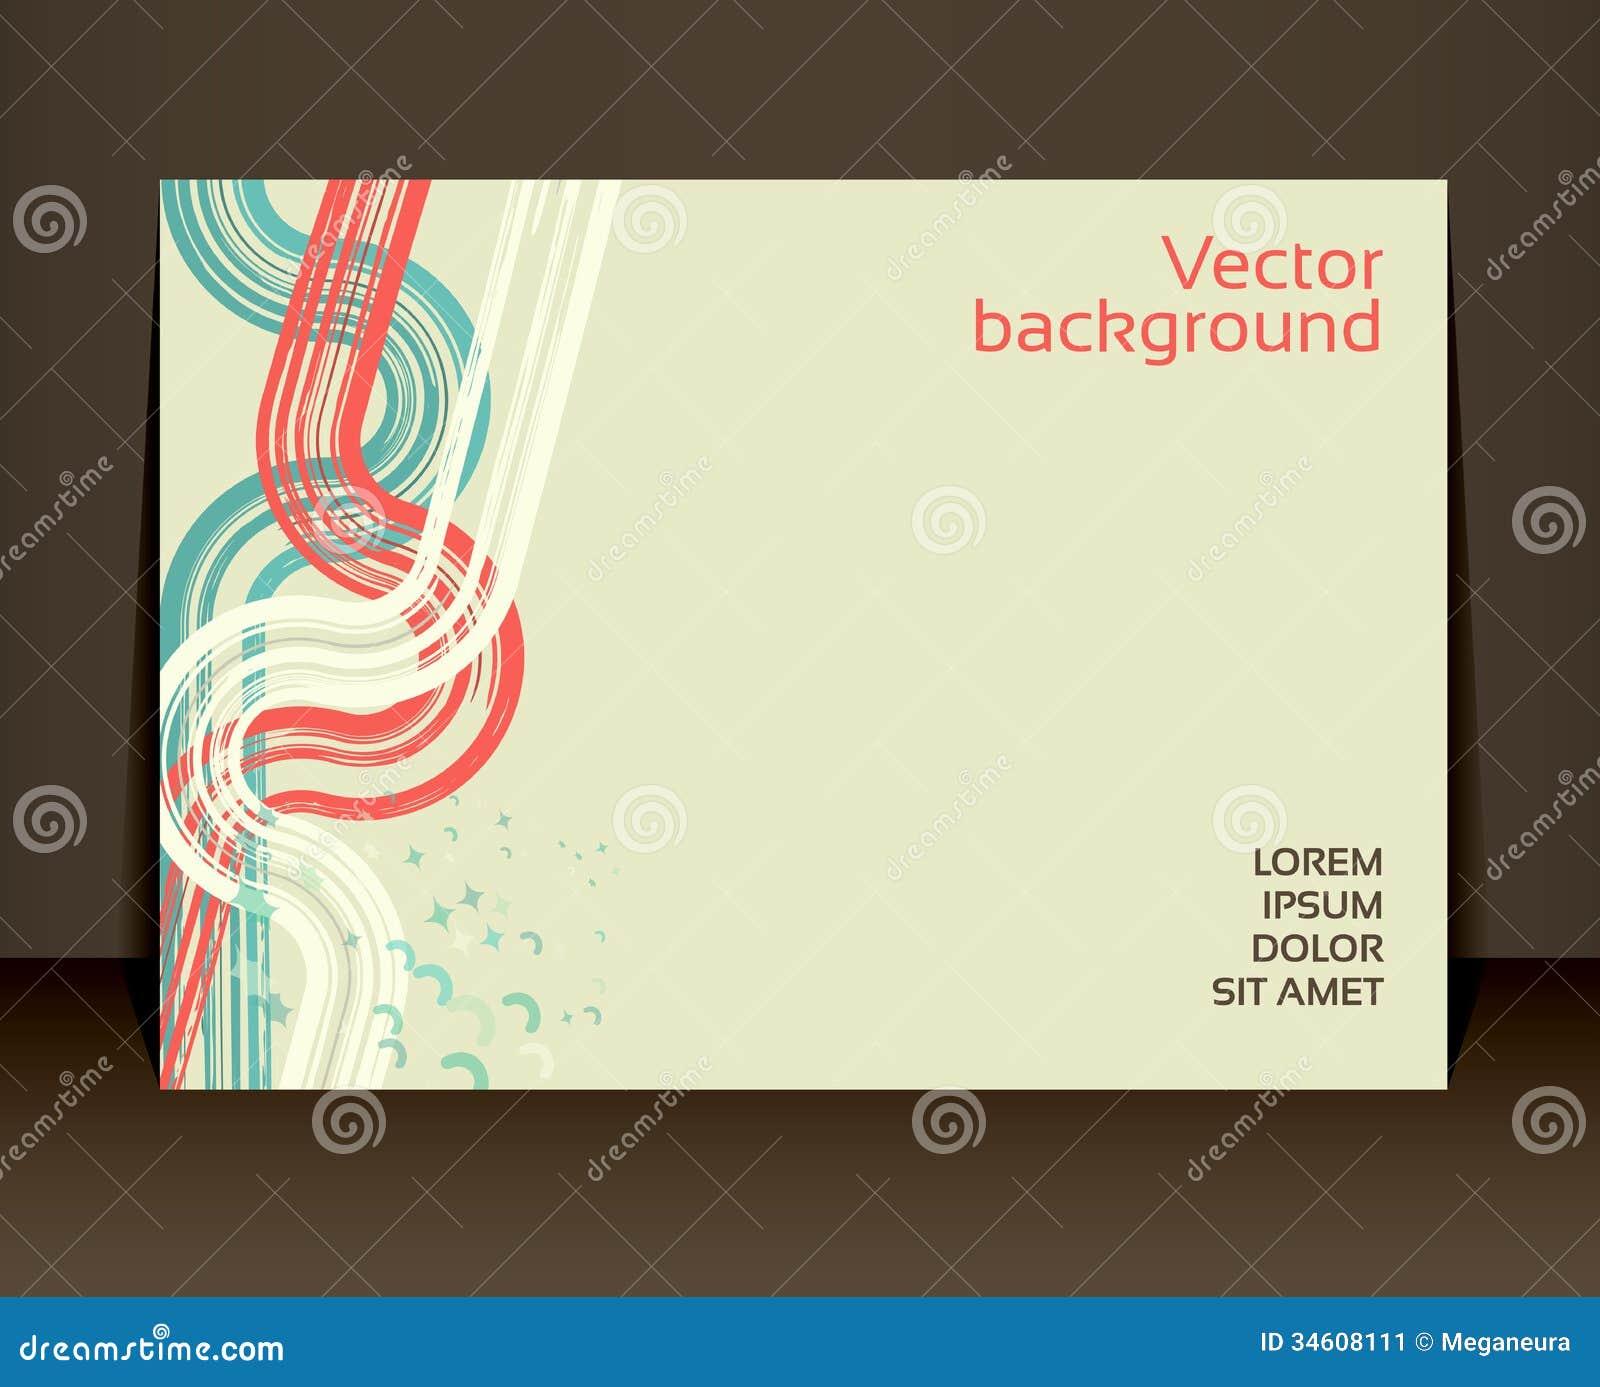 flyer leaflet booklet layout editable design template stock vector image 34608111. Black Bedroom Furniture Sets. Home Design Ideas